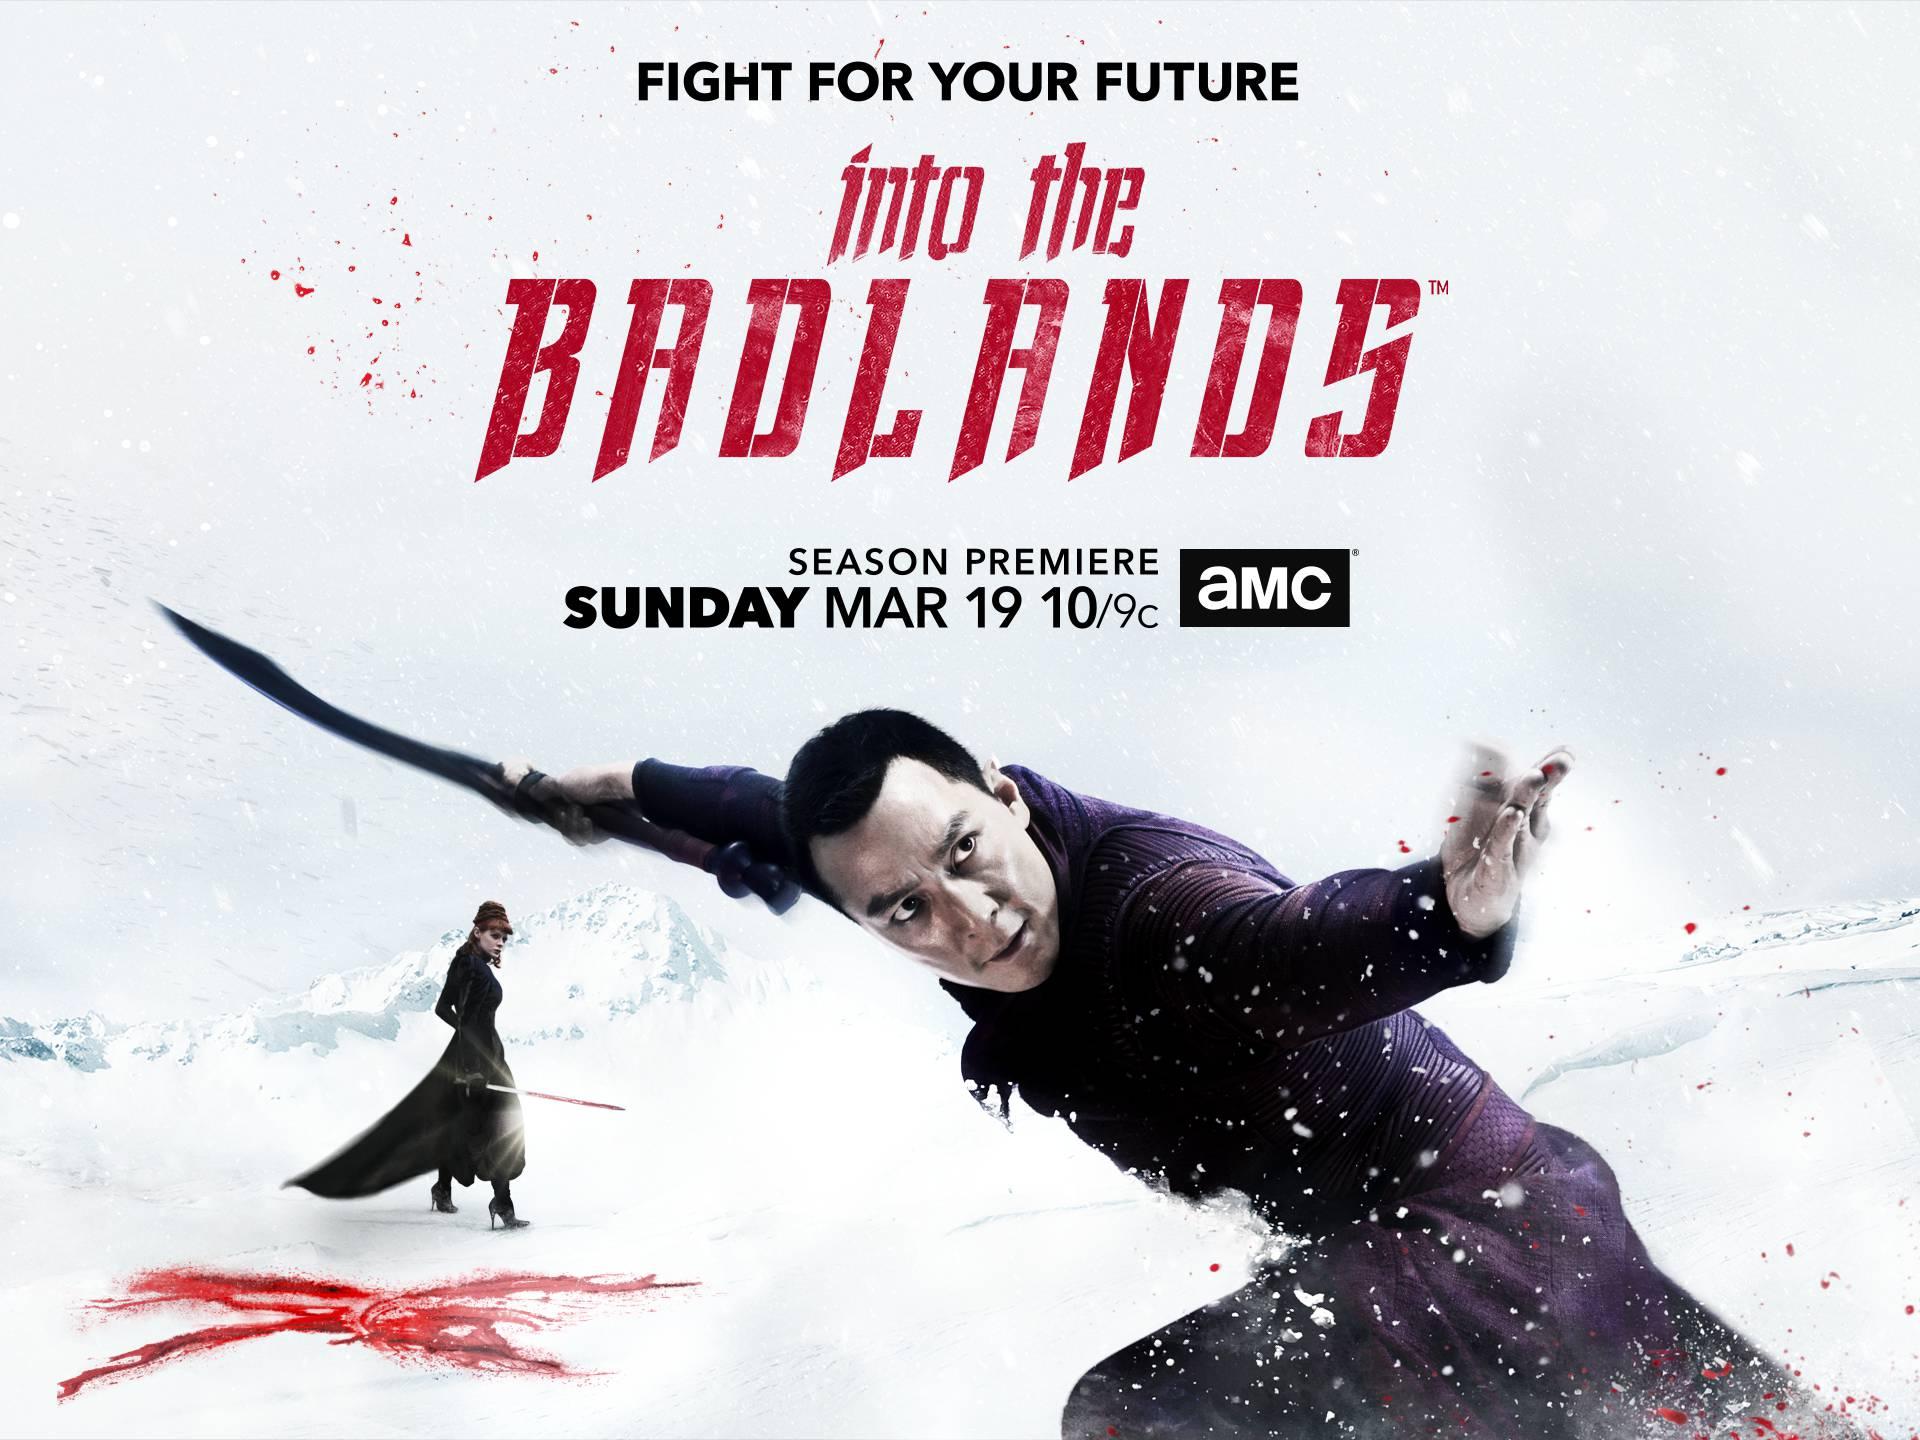 Into The Badlands (2017) - AMC's original